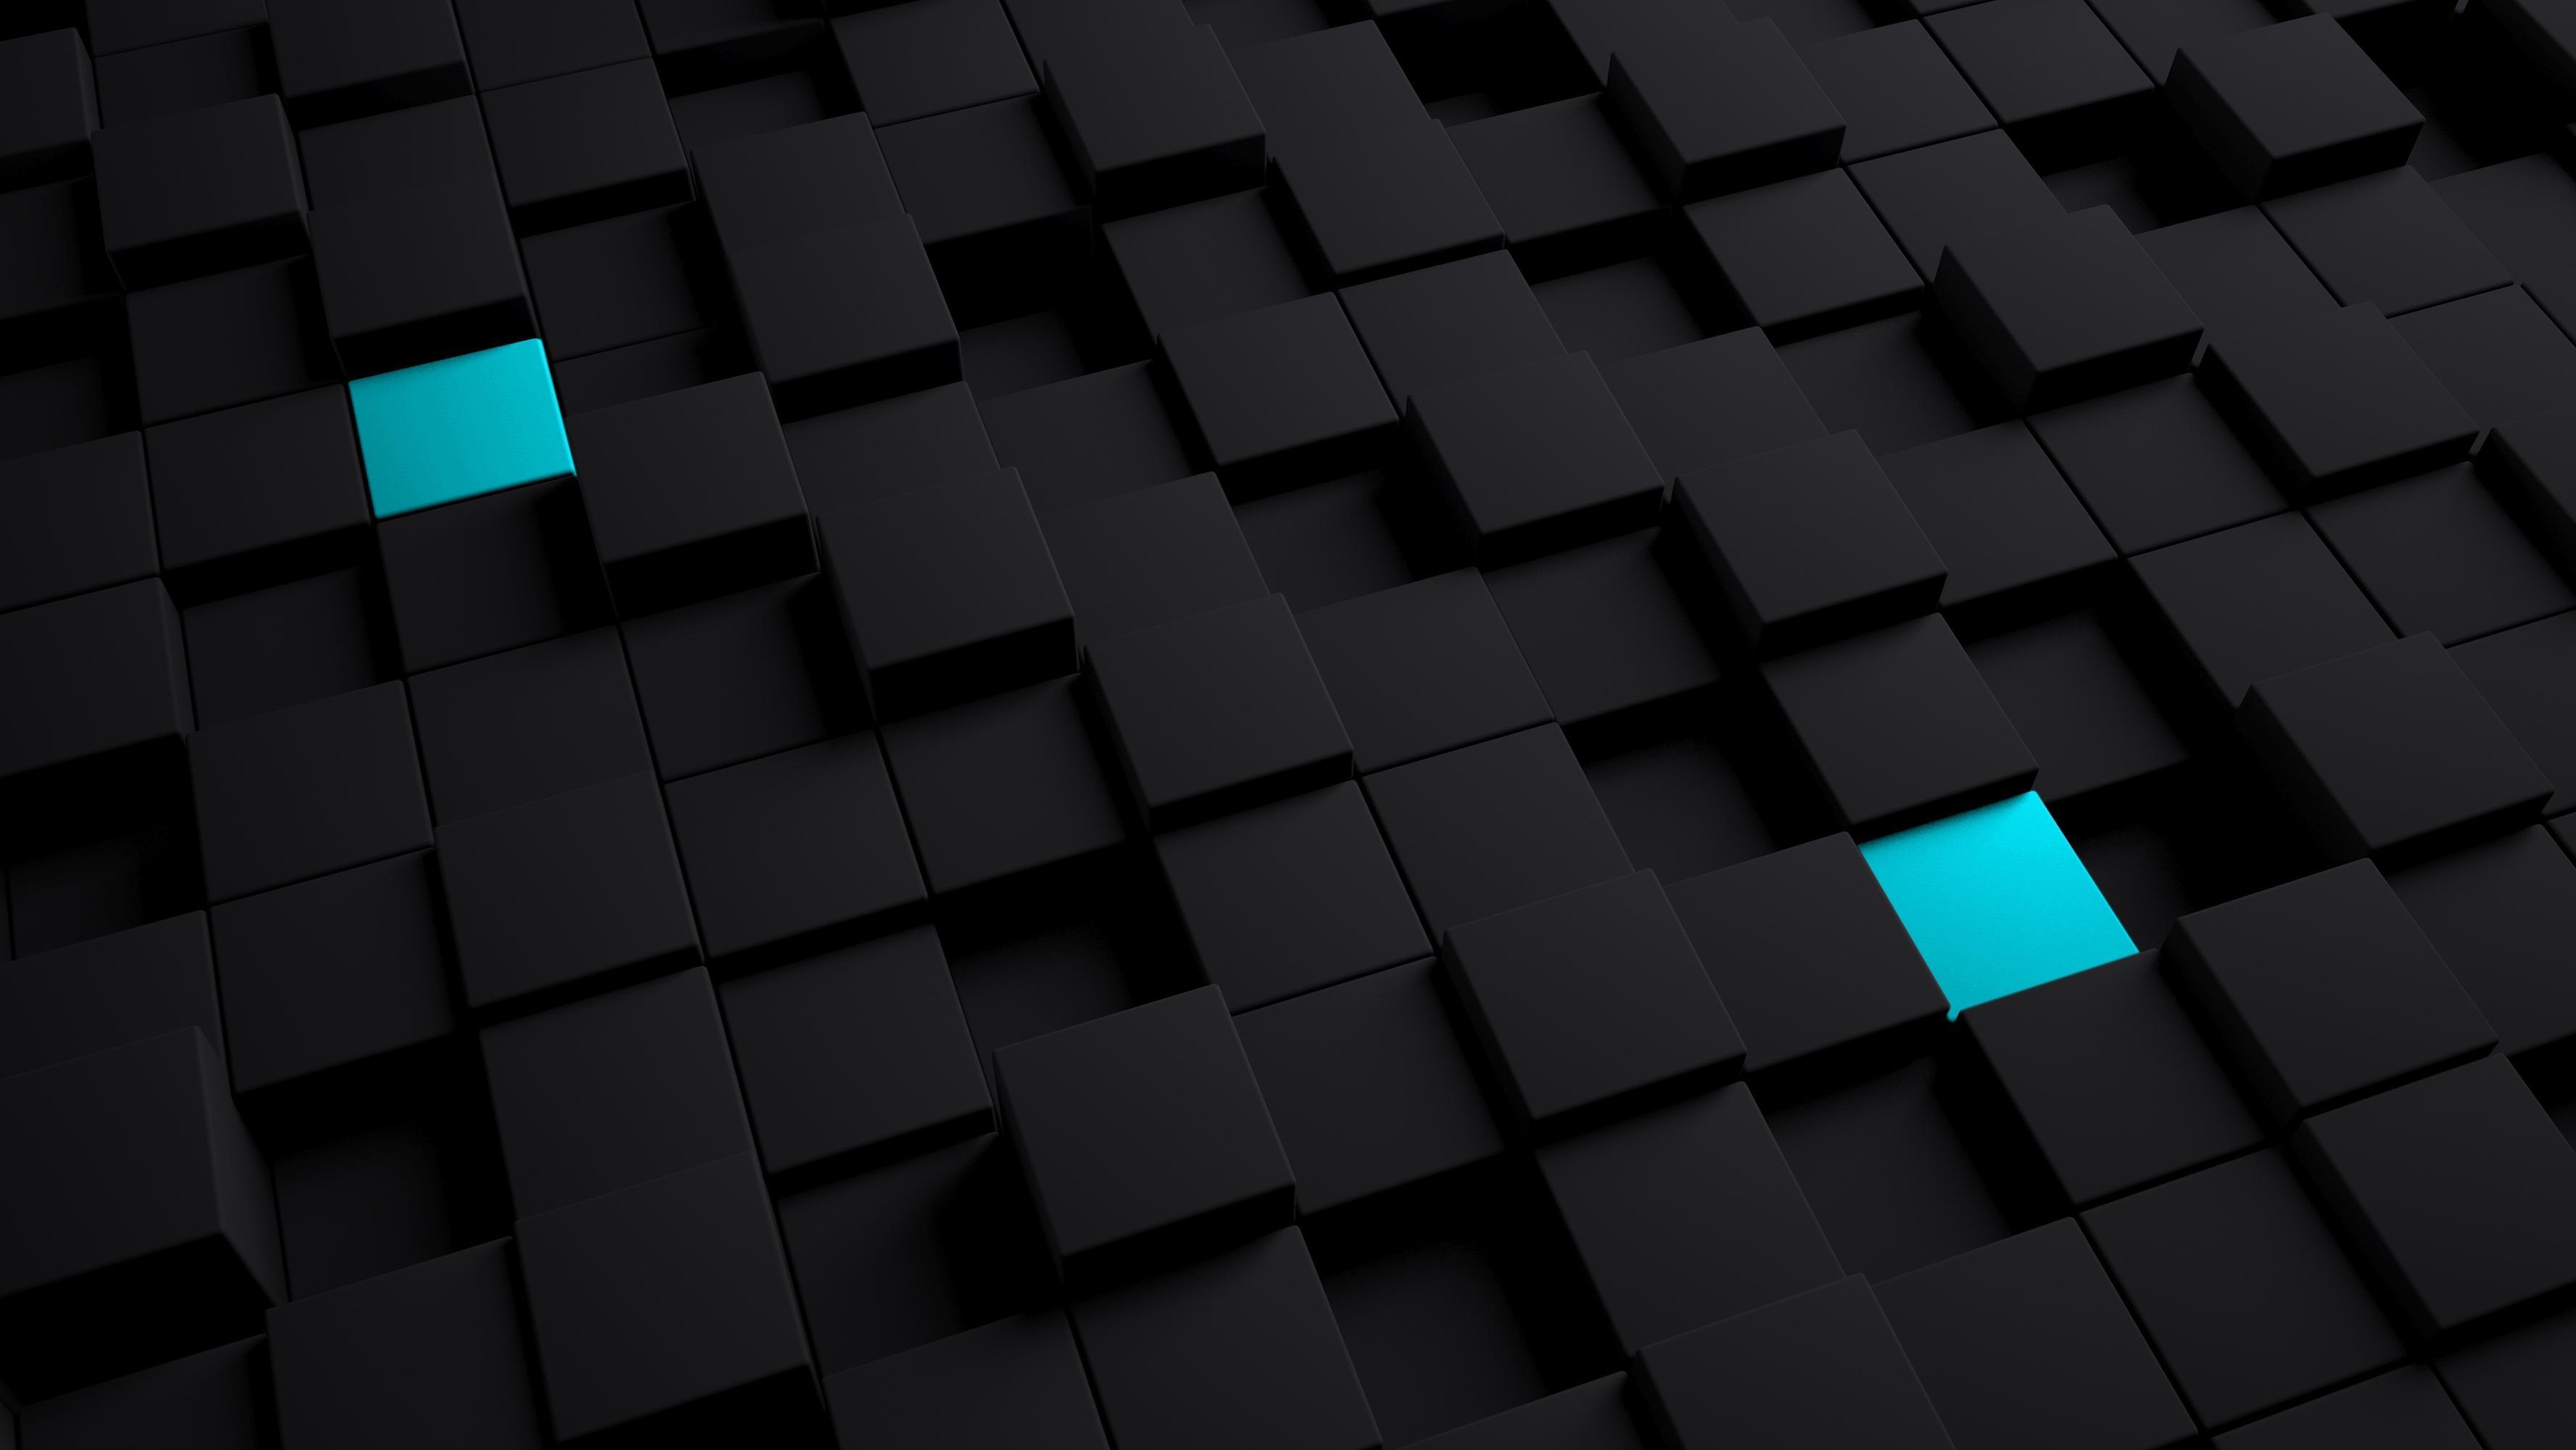 10 Top Black And Blue Shards Wallpaper Full Hd 1080p For: Hình Nền đen đẹp Cho Máy Tính